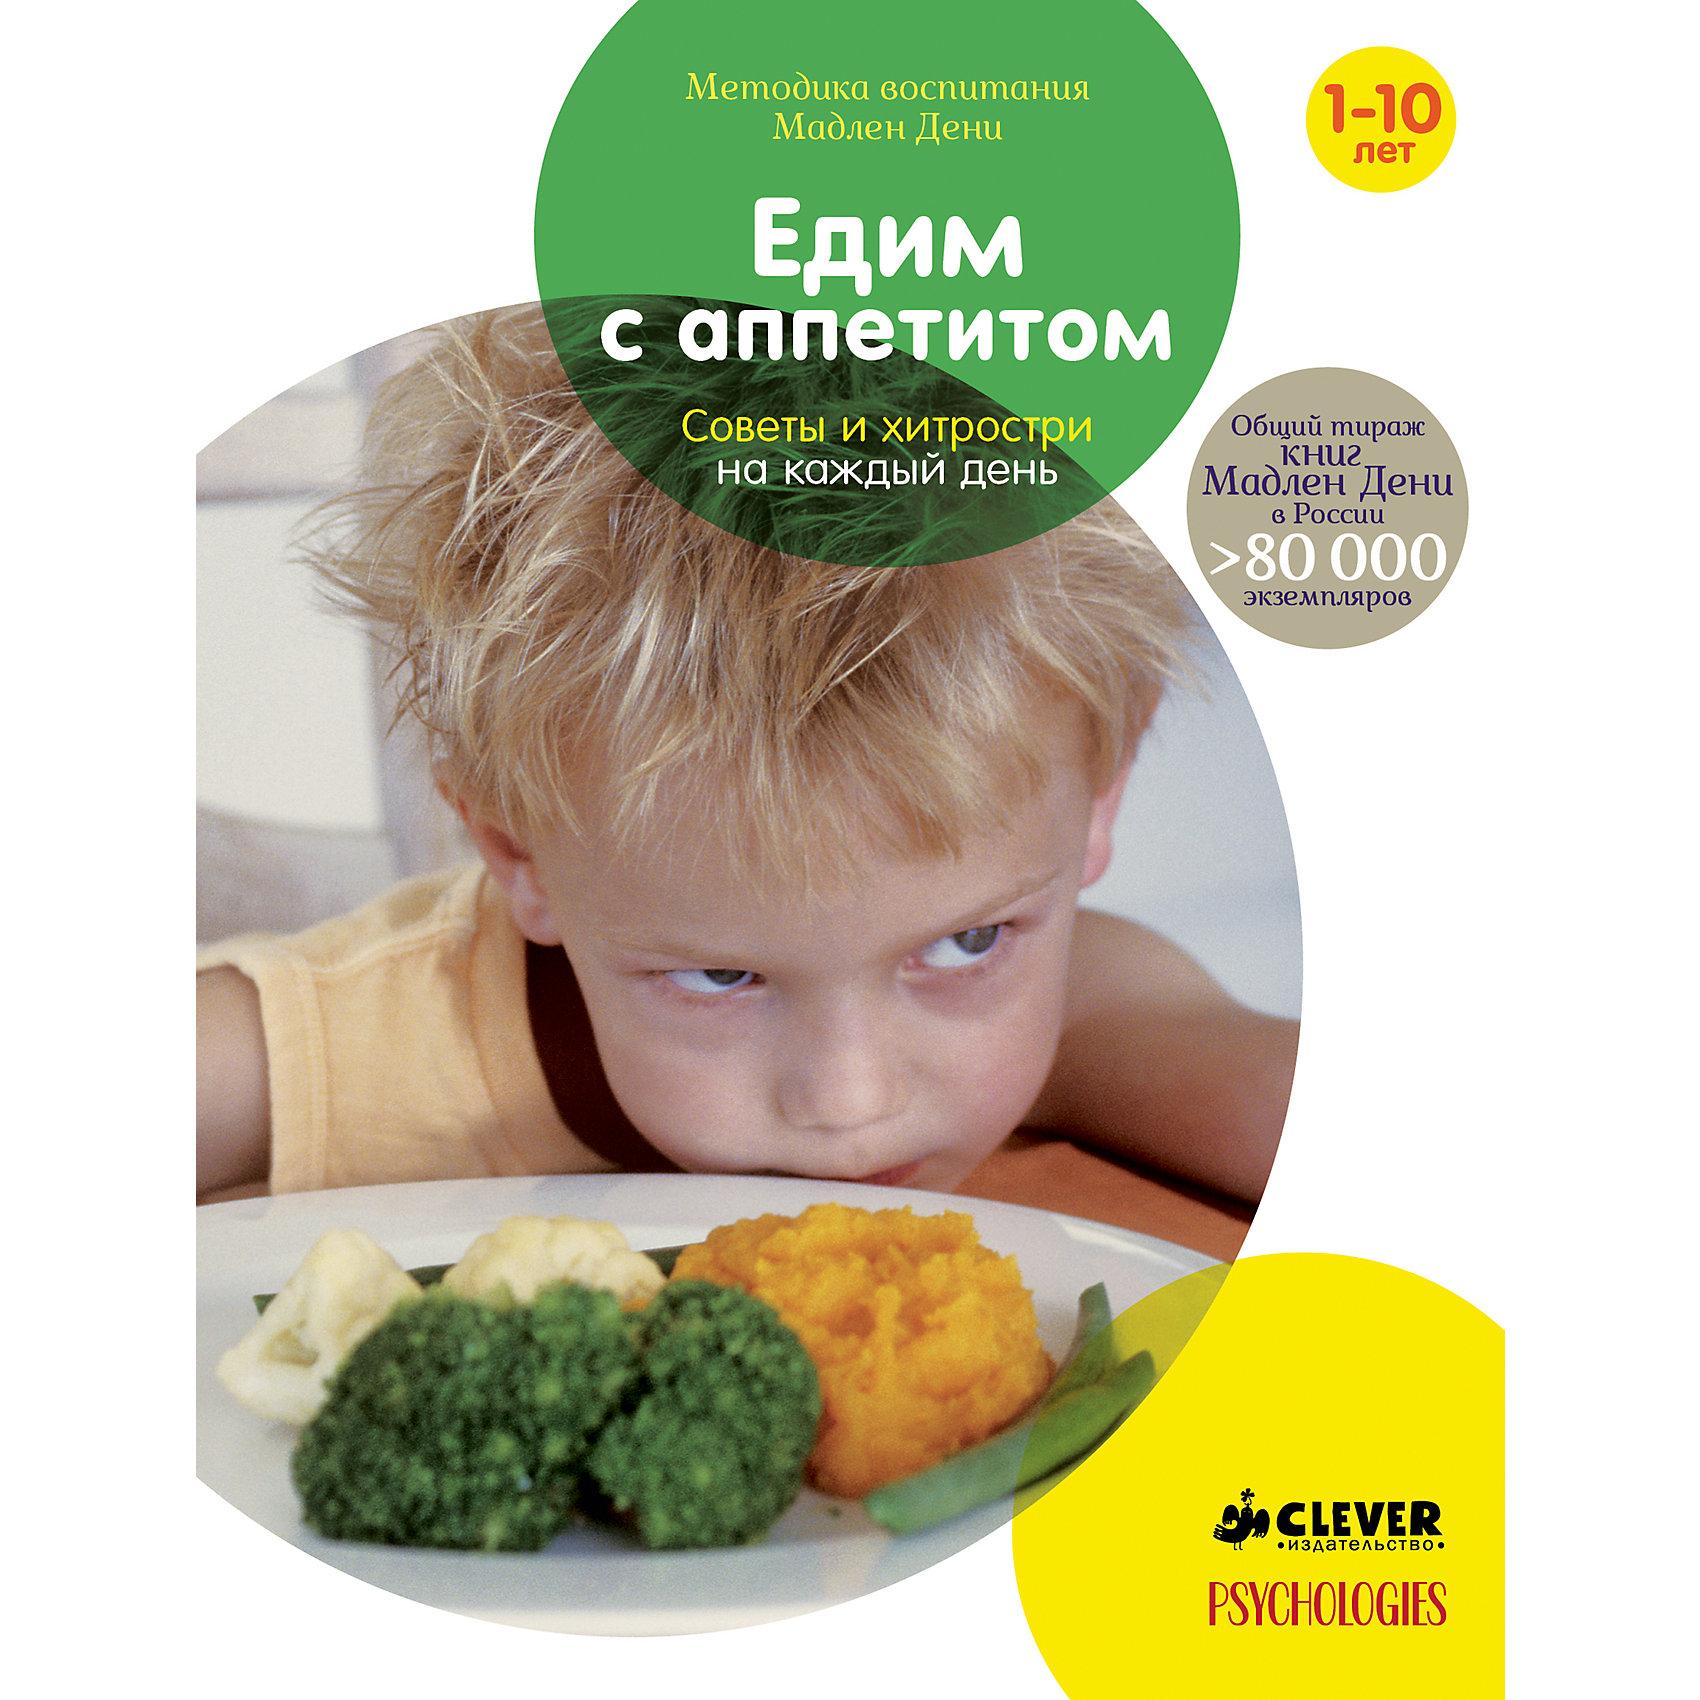 Едим с аппетитом, Советы и хитрости на каждый день, М. ДениКулинария<br>Едим с аппетитом, Советы и хитрости на каждый день, М. Дени<br><br>Характеристики:<br><br>• ISBN: 978-5-906882-44-8<br>• Кол-во страниц: 96<br>• Возраст: от 12 месяцев<br>• Формат: а5<br>• Размер книги: 194x150x4 мм<br>• Бумага: офсет<br>• Вес: 144 г<br>• Обложка: мягкая<br><br>Мадлен Дени, французский педагог и психолог, создала целую линейку книг-помощниц для начинающих родителей. Введение прикорма и соблюдение правильного питания – сложная наука. Данная книга поможет найти ответ на любой вопрос, возникающий на пути. Простые советы и легкие инструкции, без осуждения и с ободрением. Можно ли есть сладкое? А фаст-фуд? Что делать если ребенок не ест овощи? И много других вопросов и ответов.<br> <br>Едим с аппетитом, Советы и хитрости на каждый день, М. Дени можно купить в нашем интернет-магазине.<br><br>Ширина мм: 195<br>Глубина мм: 150<br>Высота мм: 5<br>Вес г: 145<br>Возраст от месяцев: 144<br>Возраст до месяцев: 2147483647<br>Пол: Унисекс<br>Возраст: Детский<br>SKU: 5377790